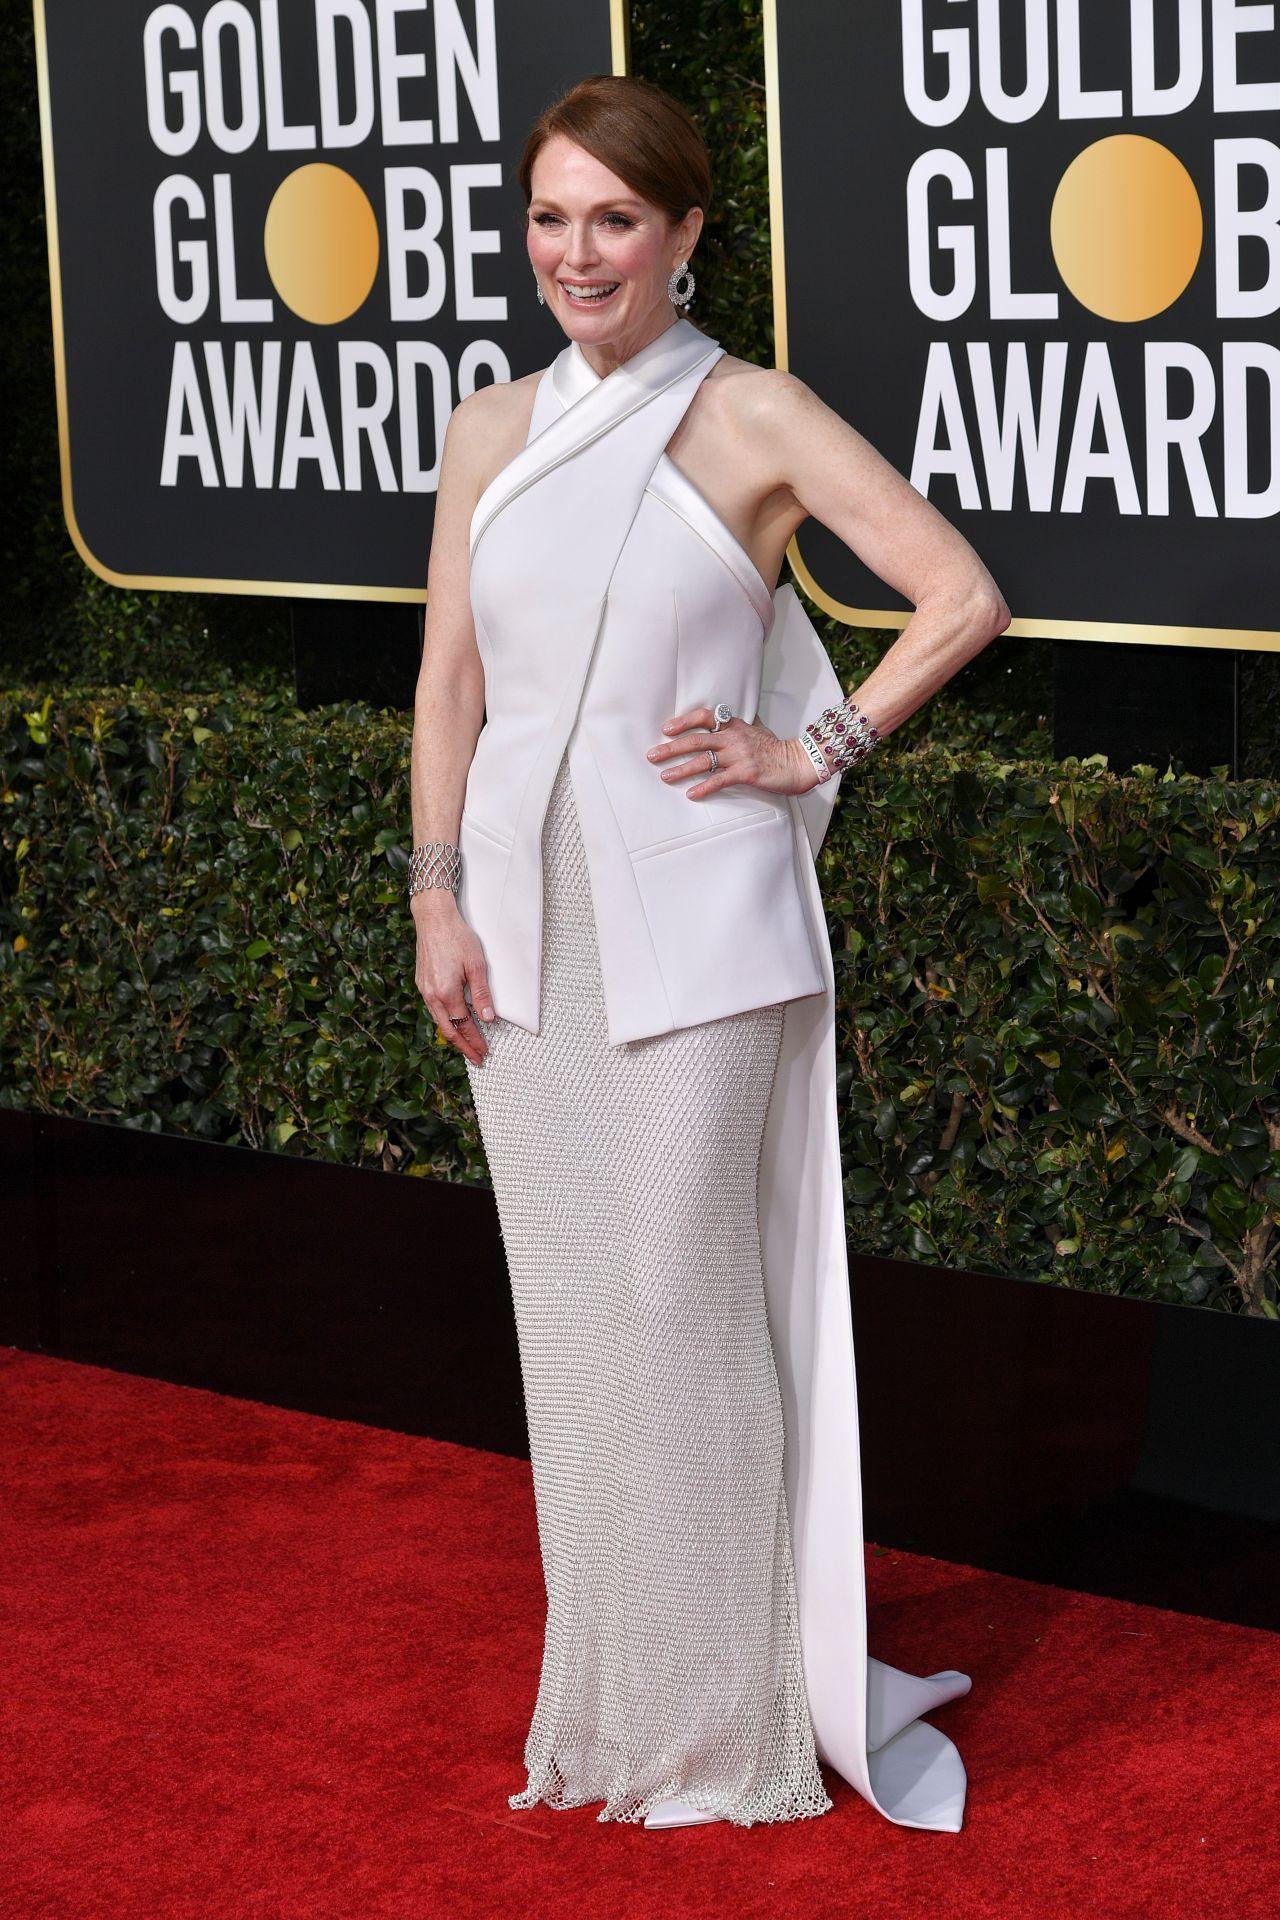 Julianne Moore 2019 Golden Globe Awards Red Carpet